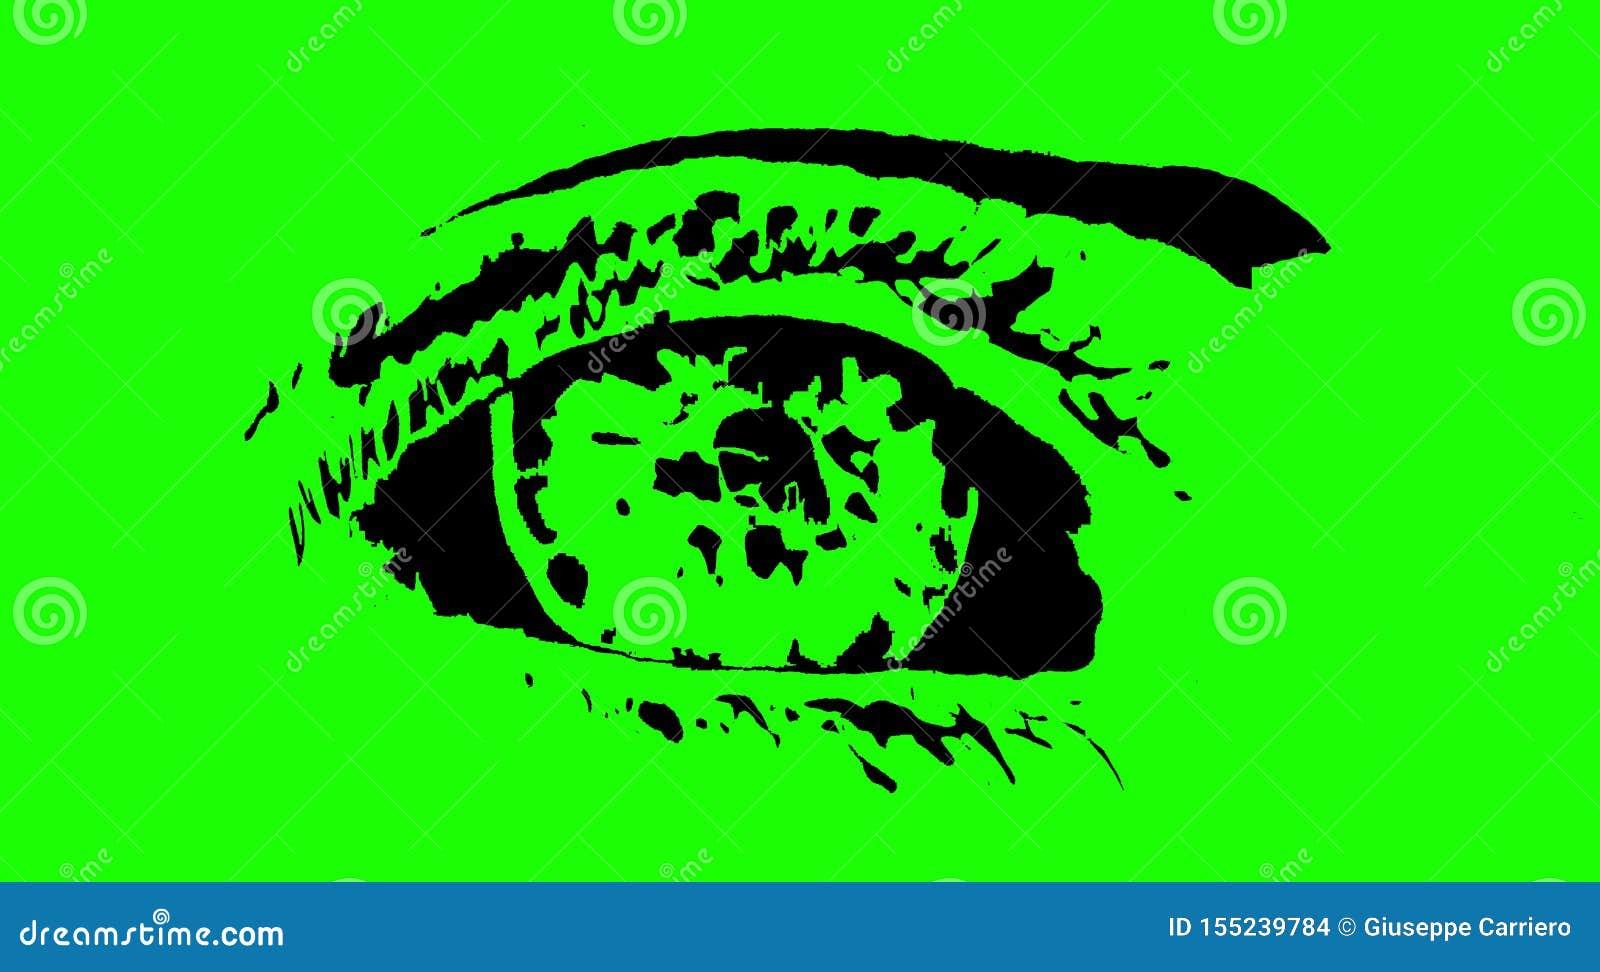 Figura de un ojo en el fondo de pantalla verde, bosquejo, estilizado, simplificado, imagen, logotipo